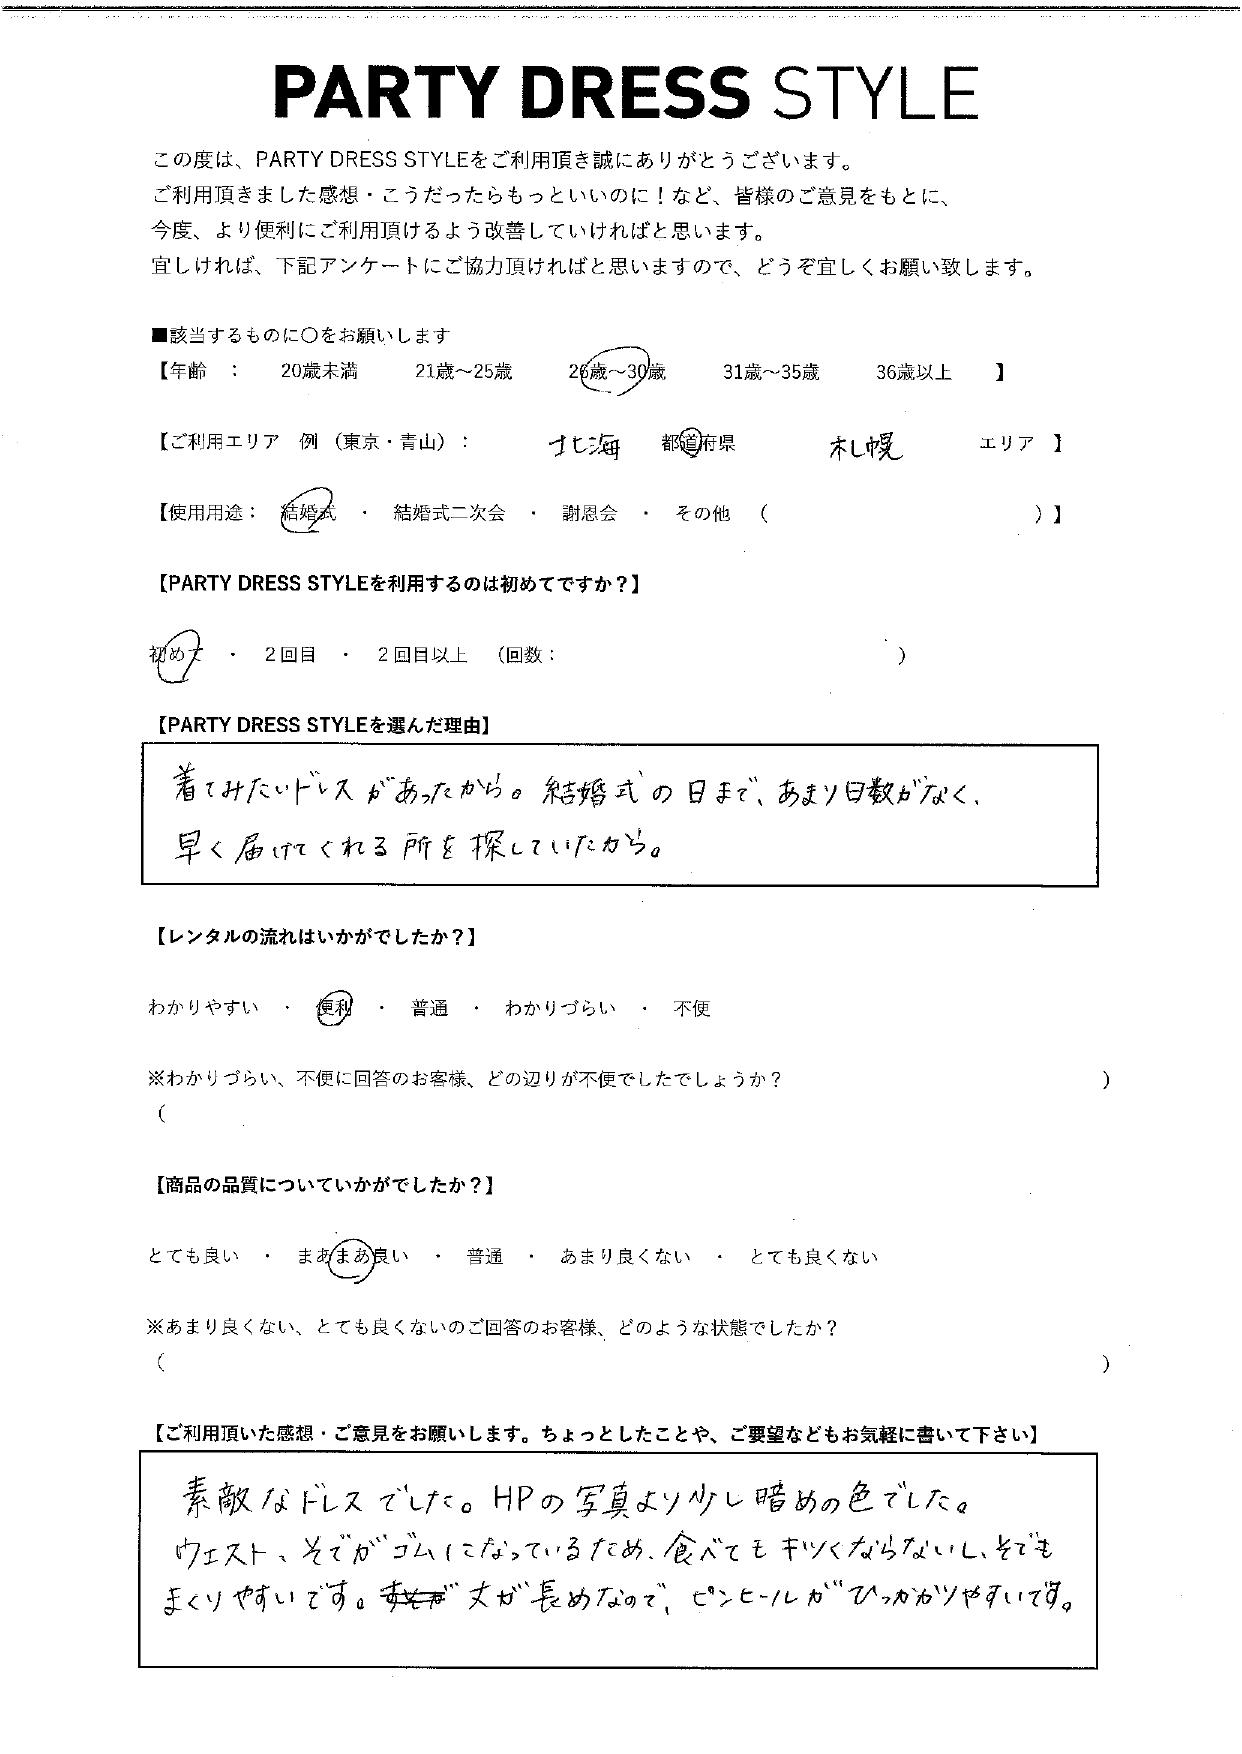 9/19結婚式ご利用 北海道・札幌エリア